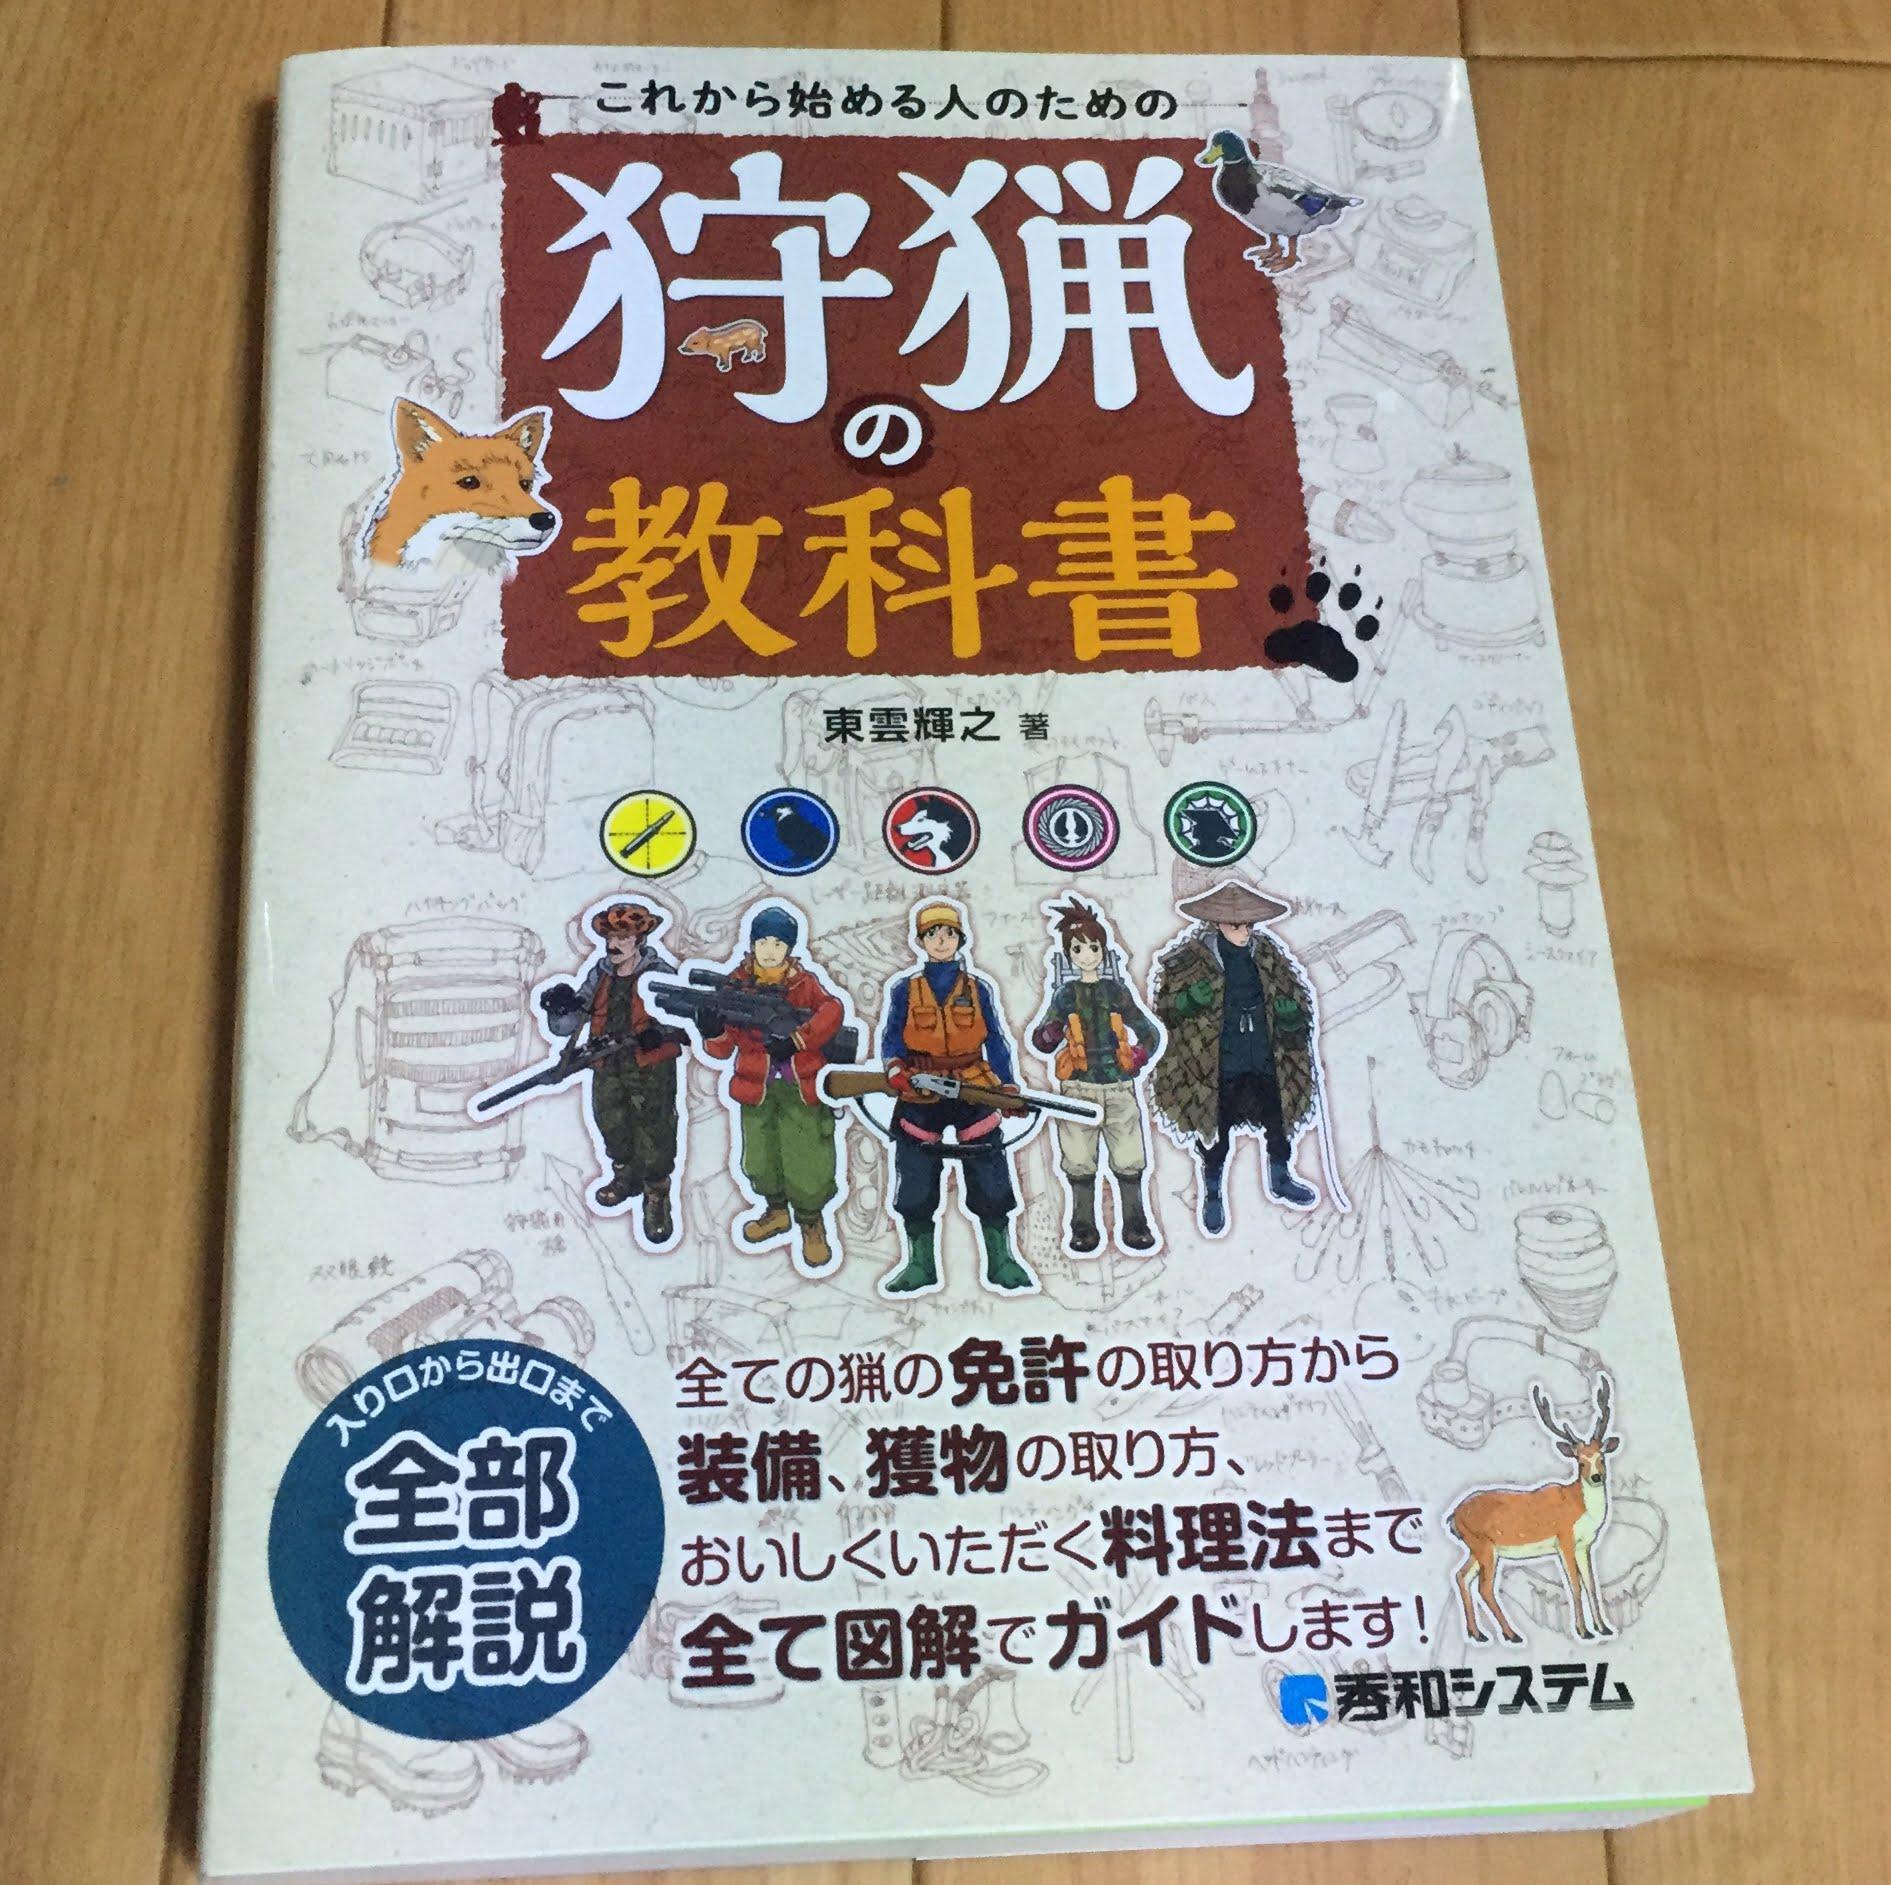 これから始める人のための狩猟の教科書[2016年7月]